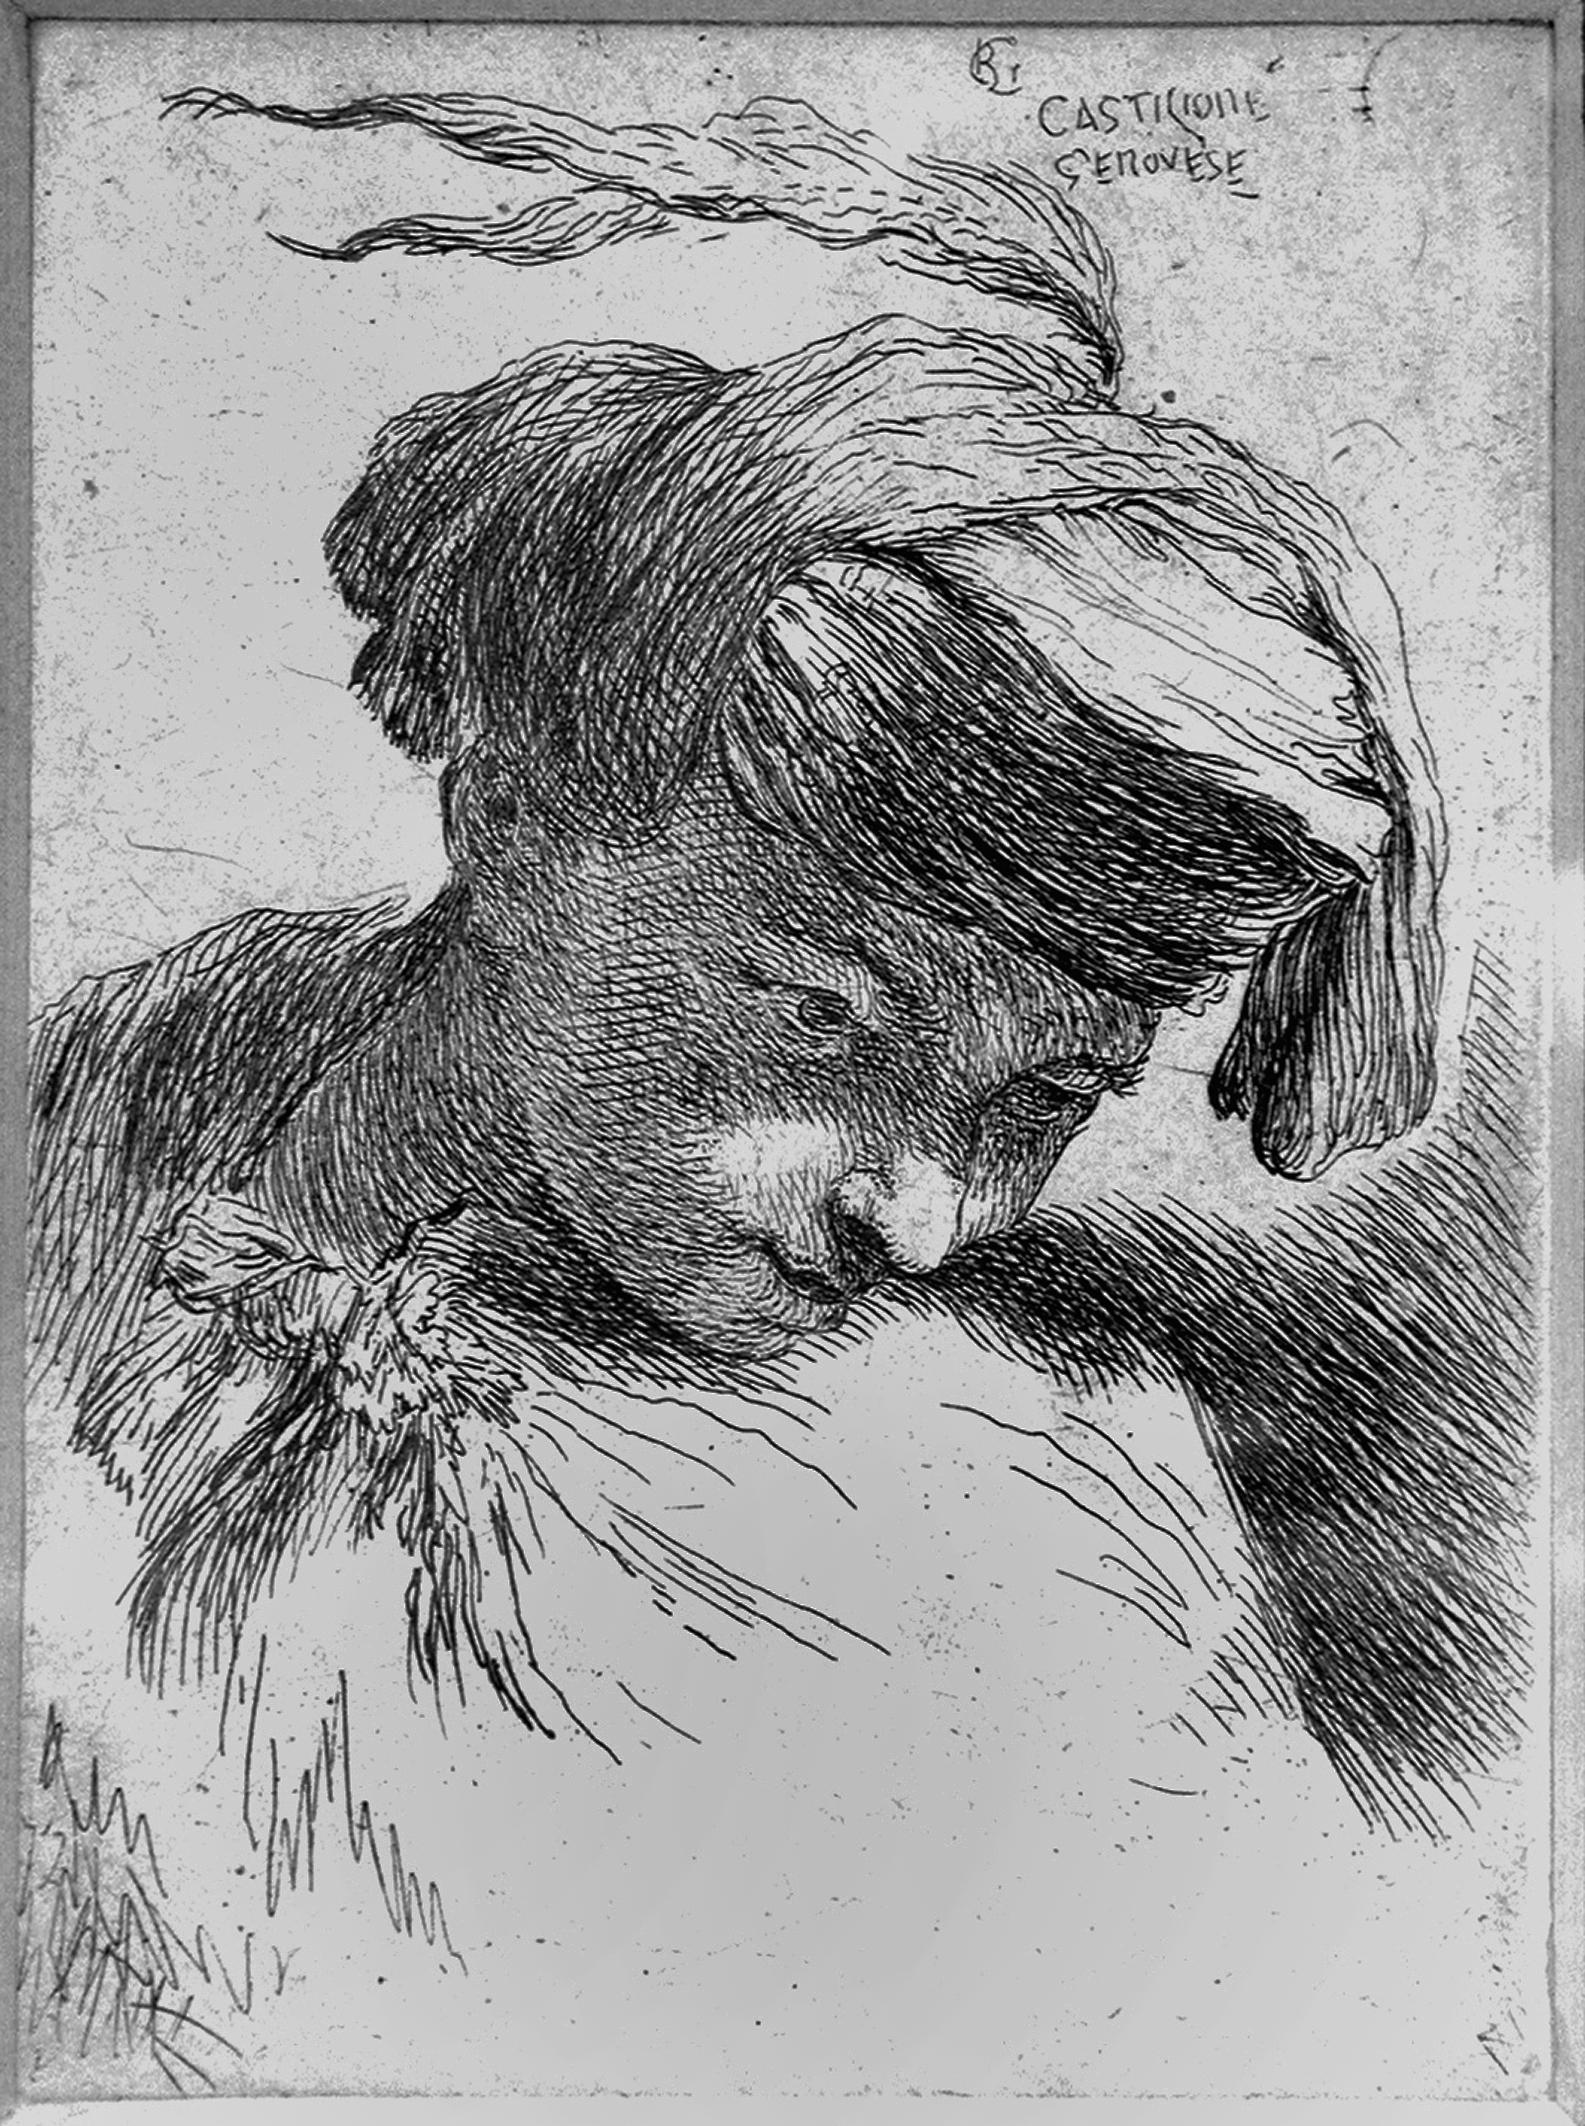 Castiglione GB; Testa di giovane reclinata a sinistra